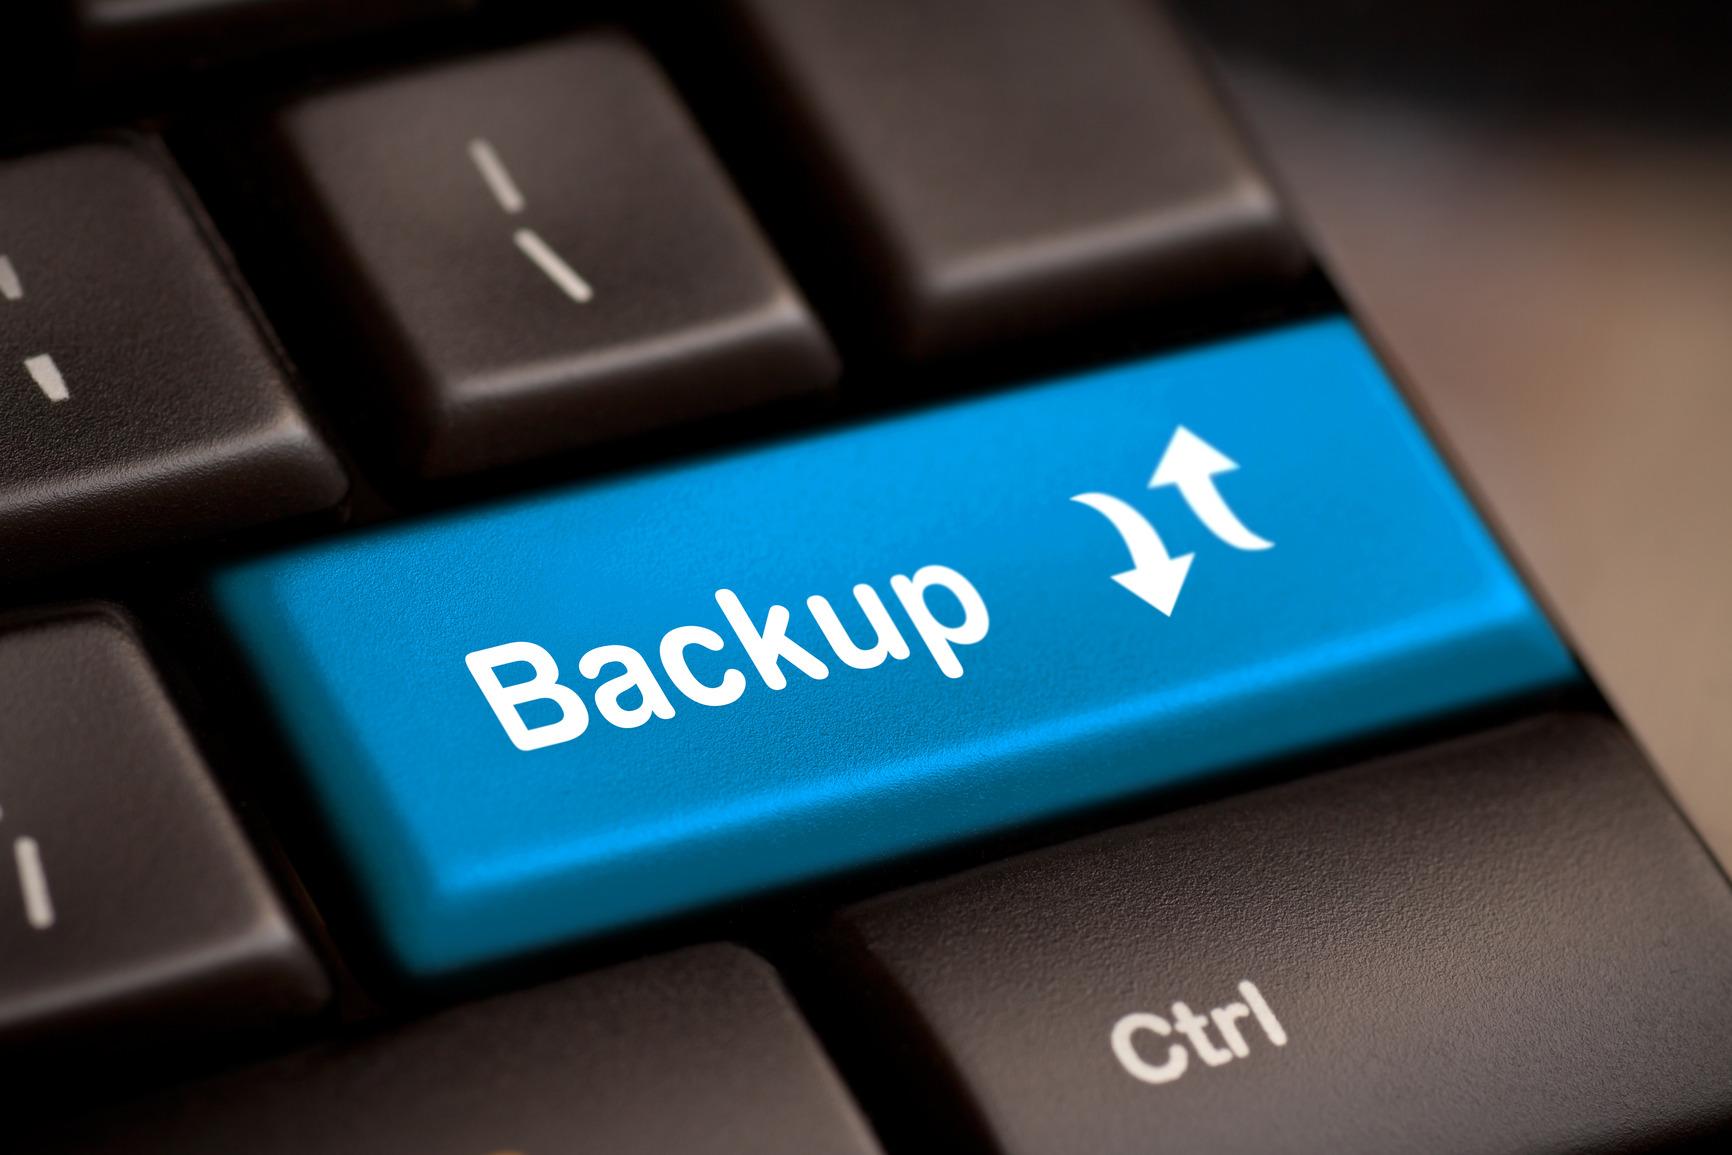 Τι είναι το backup και σε τι μπορεί να βοηθήσει σε αυτό το cloud;